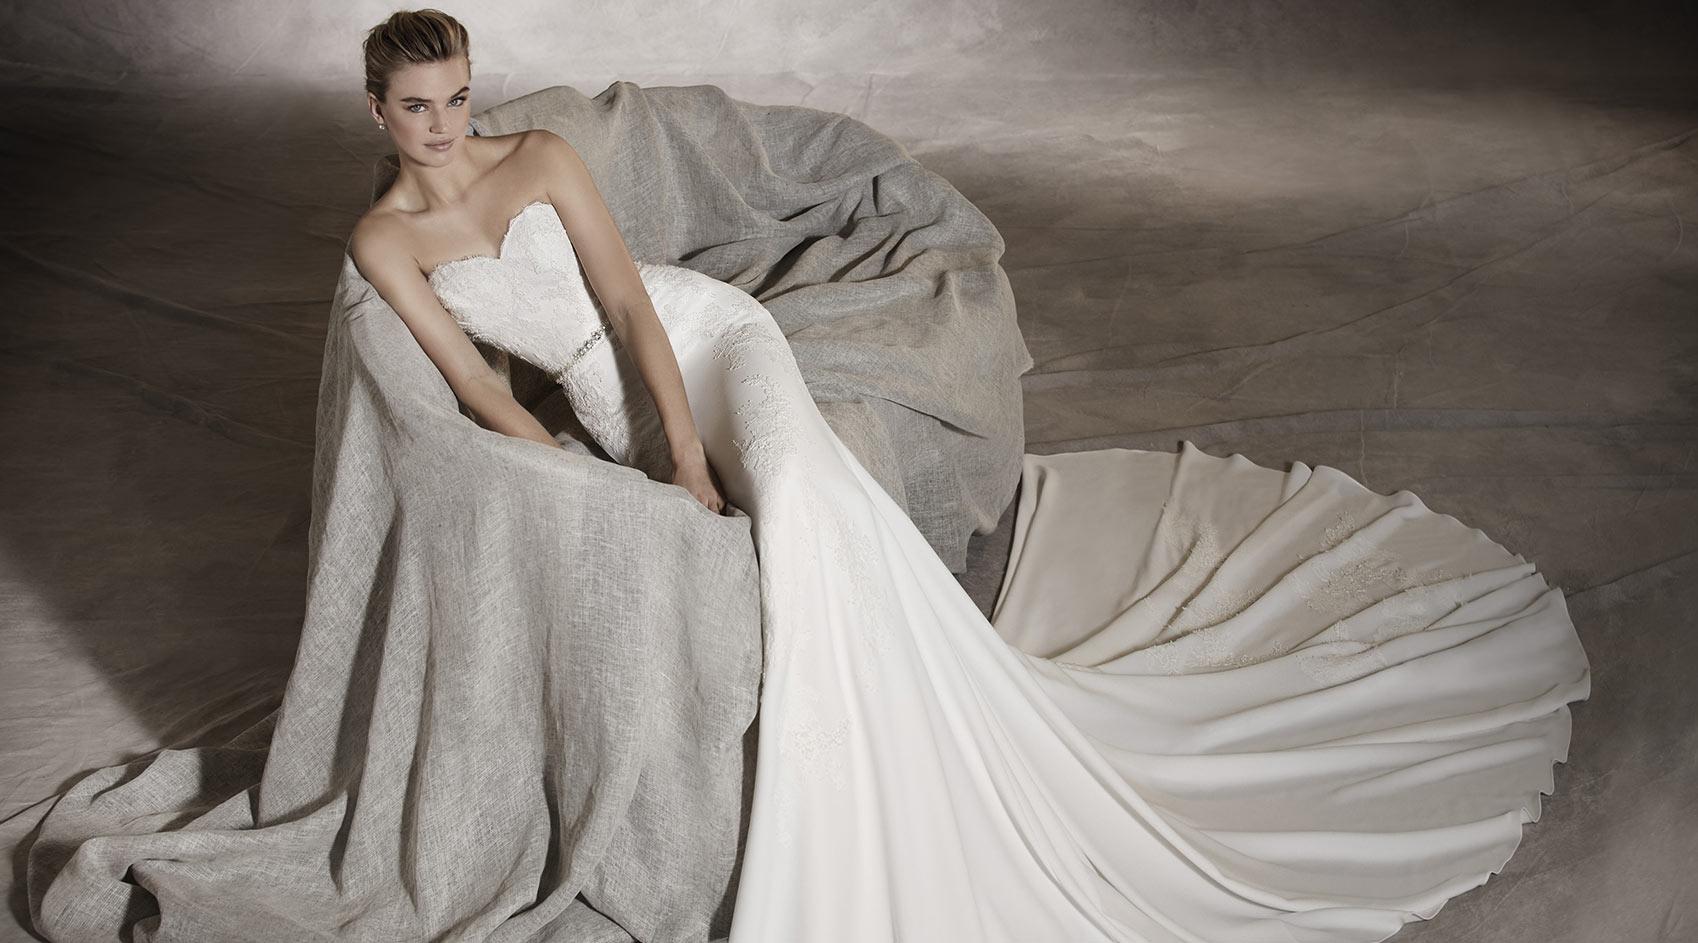 7299289eab22 Quando scegliere l abito da sposa  La scelta del vestito da sposa è uno dei  momenti più emozionanti della preparazione del matrimonio